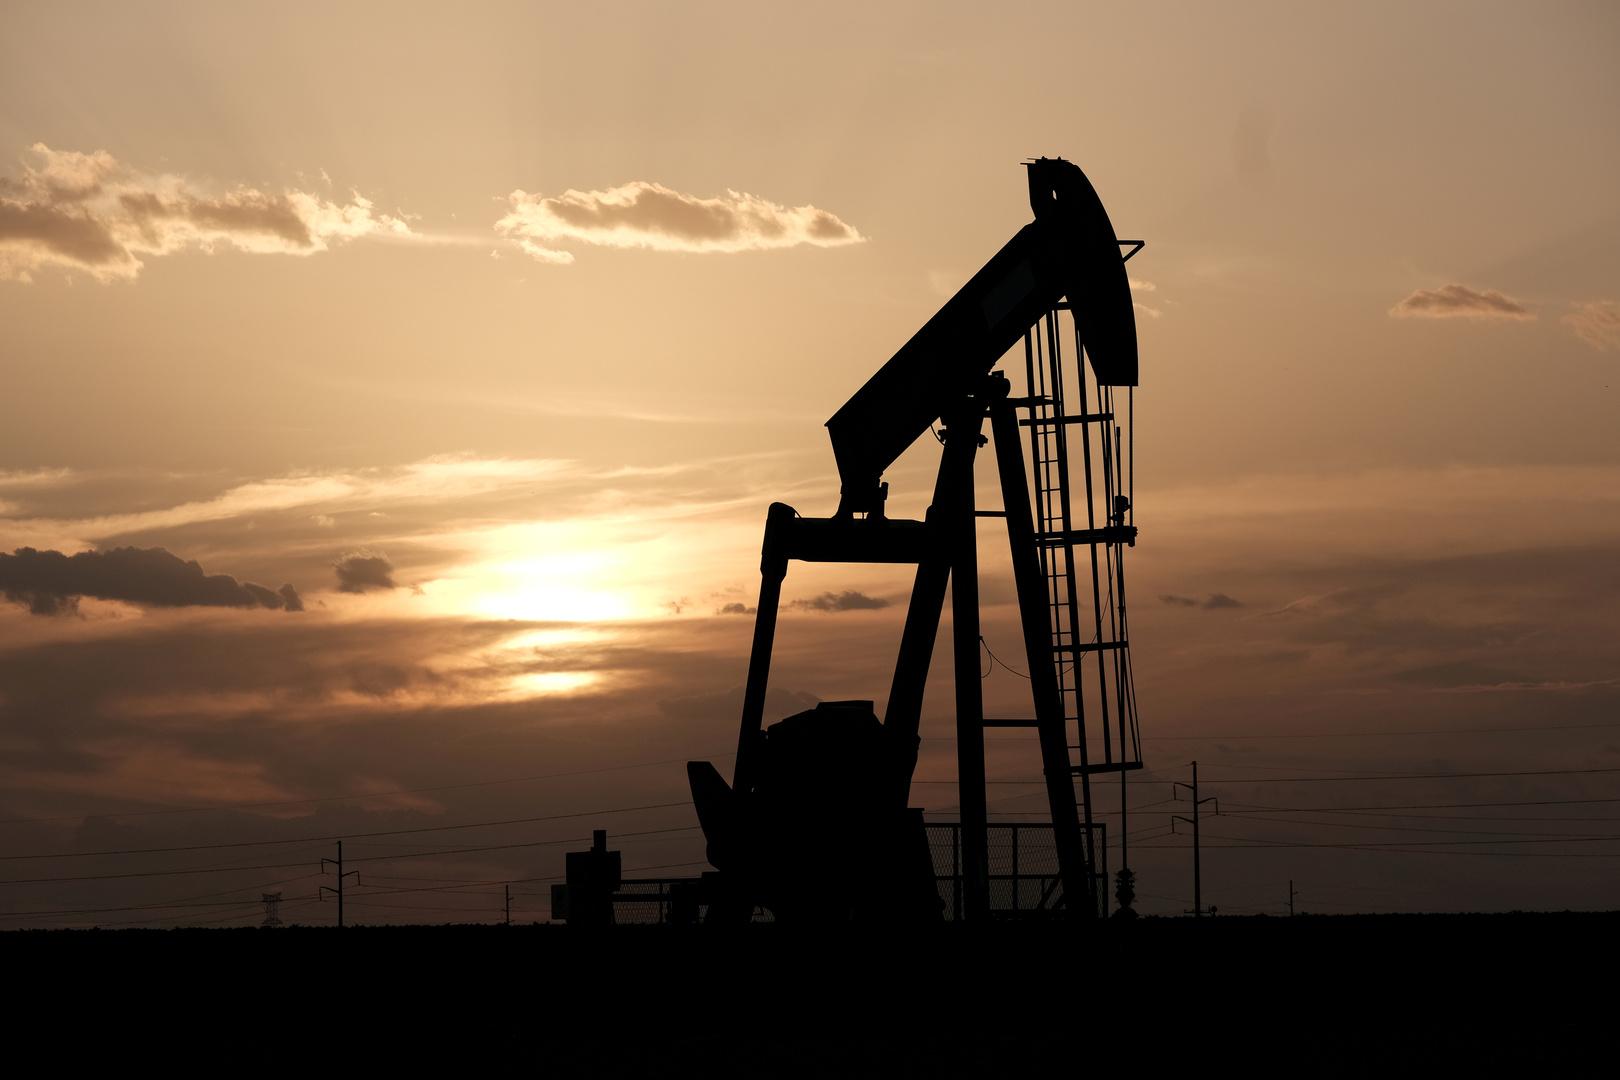 تراجع قياسي في أسعار النفط الخام على خلفية فشل اتفاق